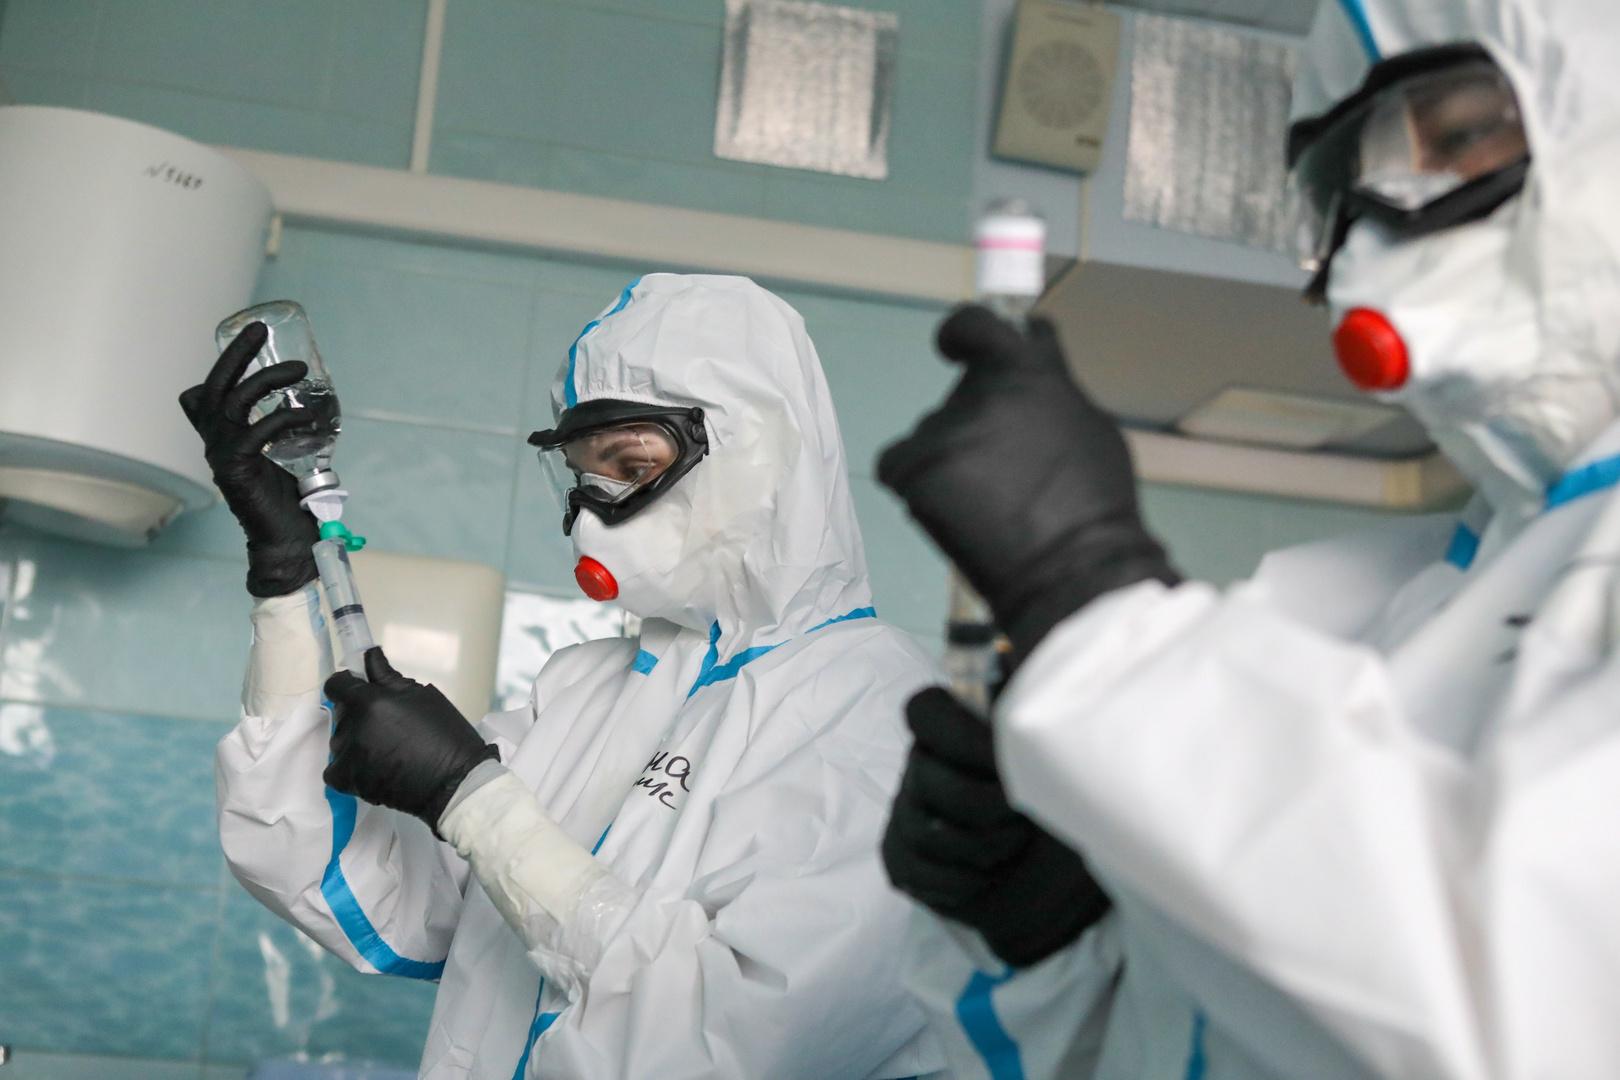 روسيا تسجل 70 وفاة و5118 إصابة جديدة بفيروس كورونا خلال الساعات الـ24 الماضية